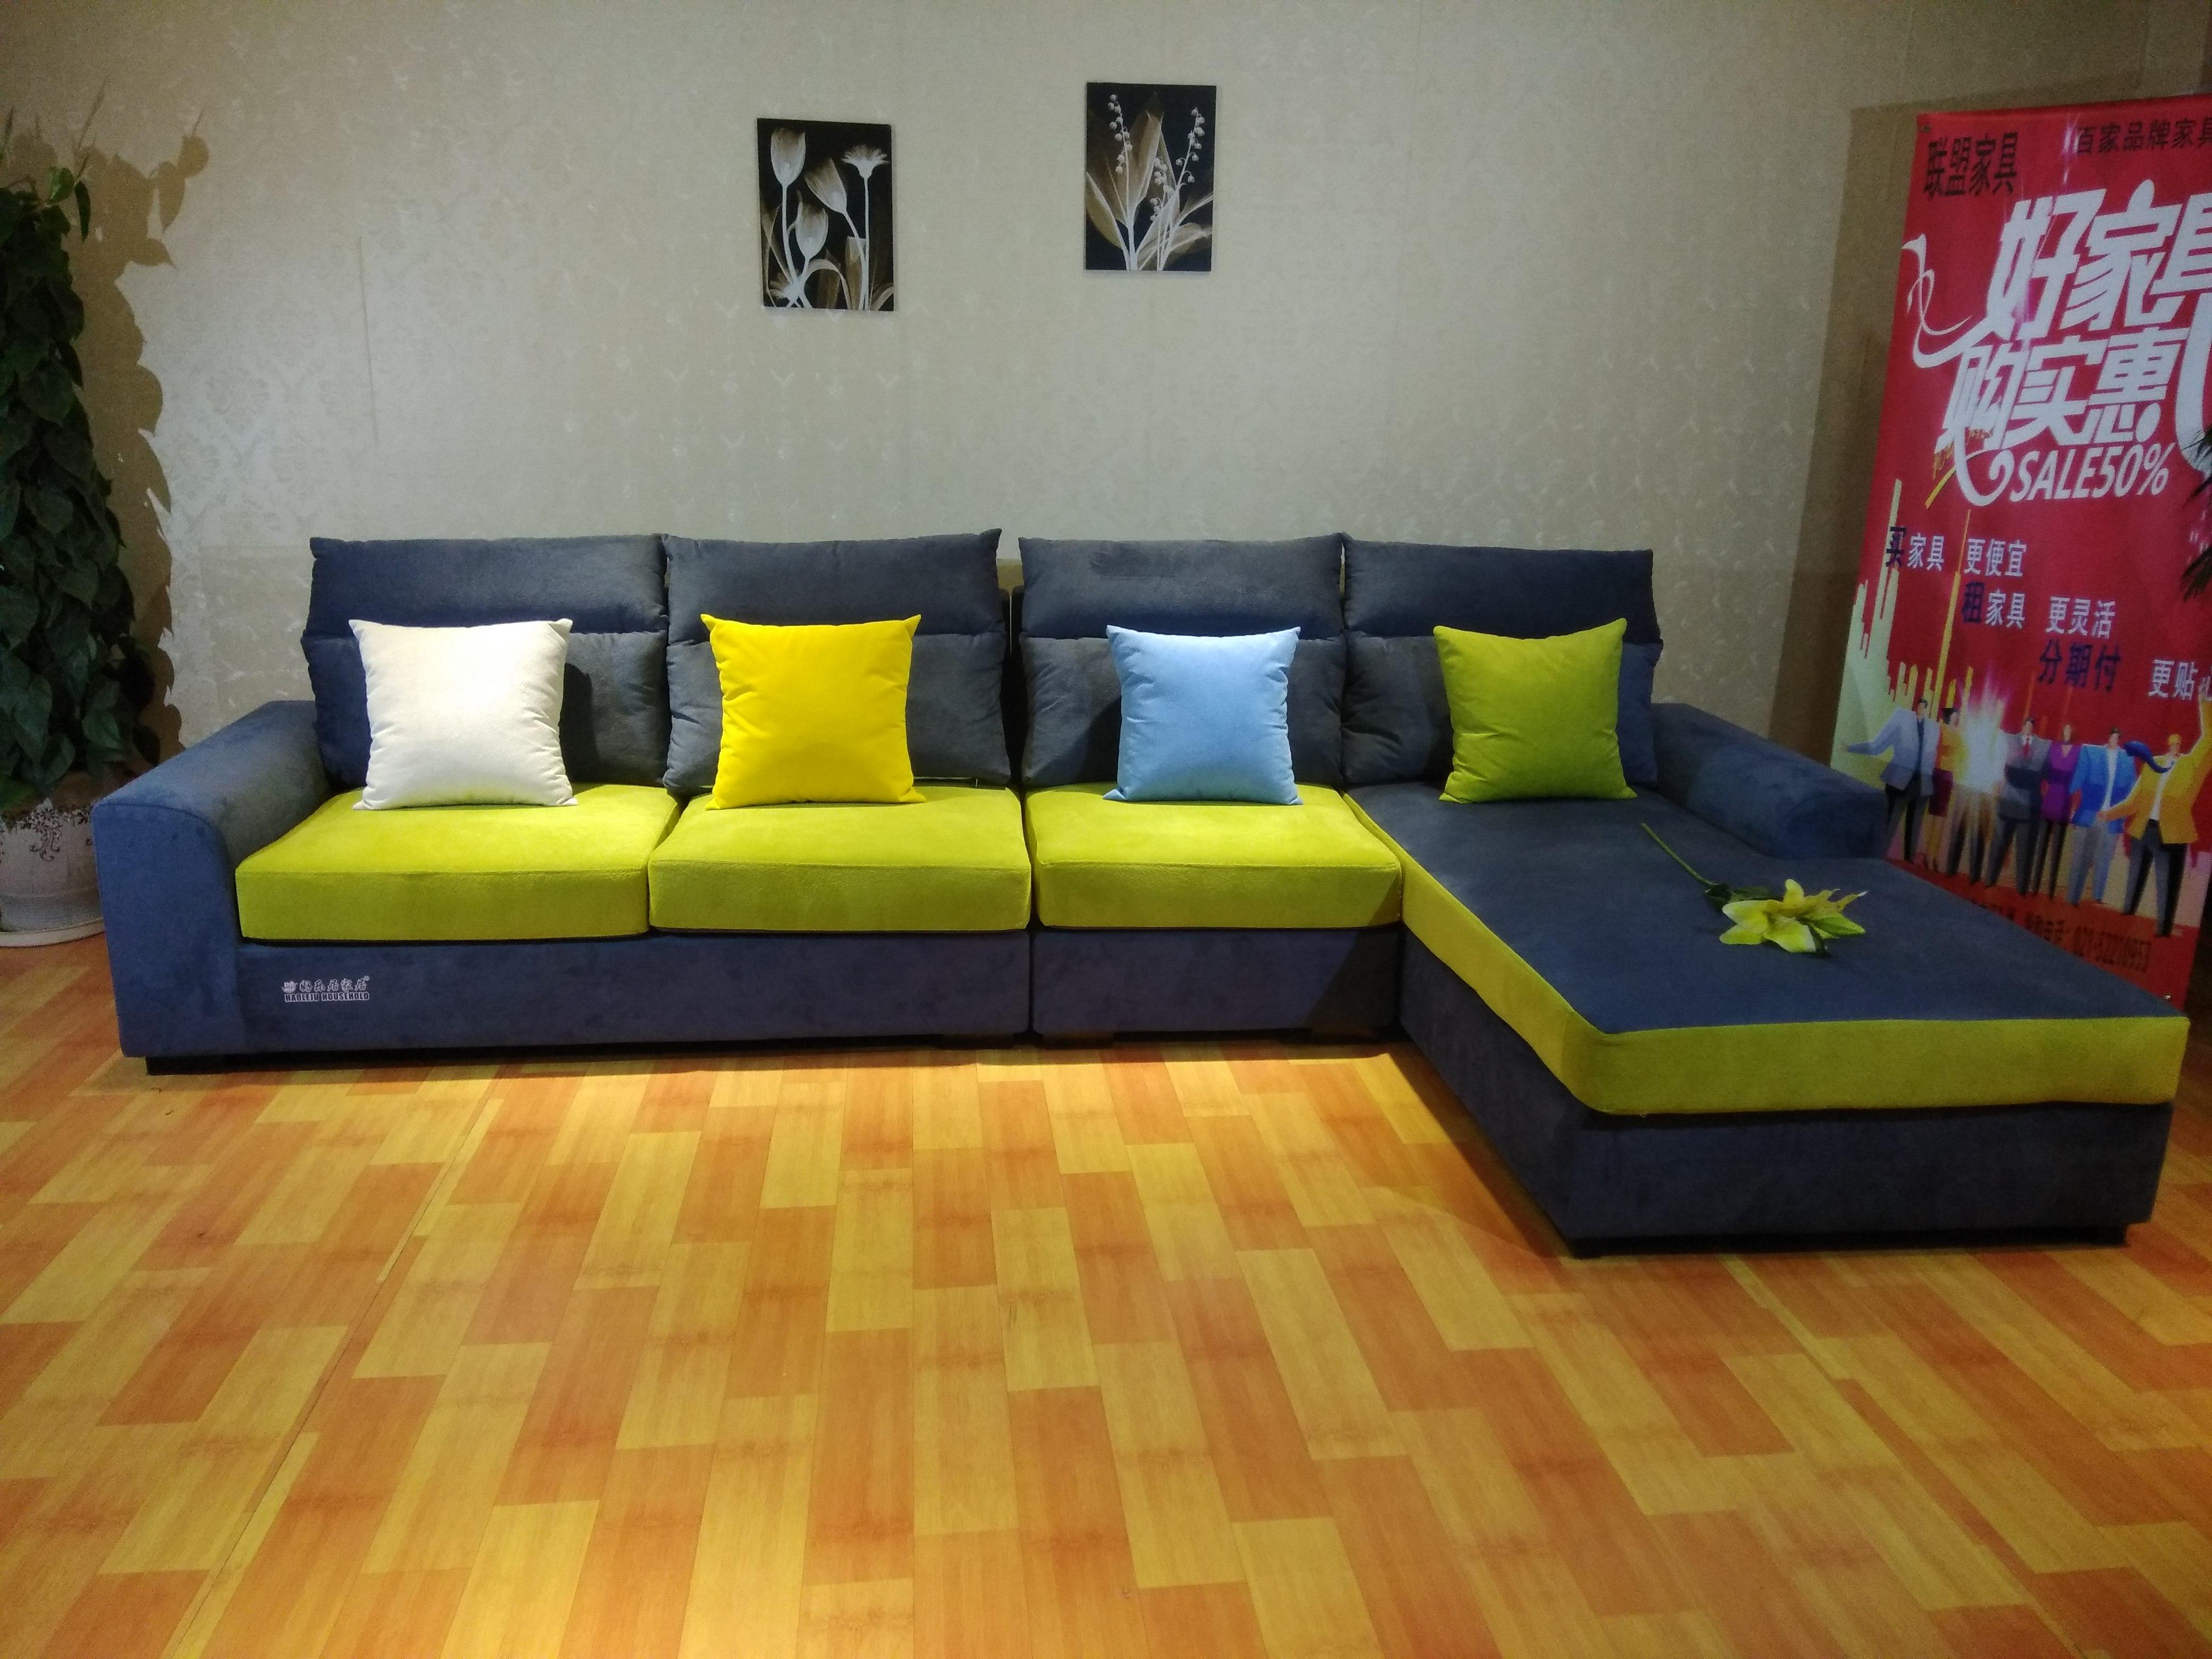 布艺沙发简约现代家具3.4米(可定制)转角